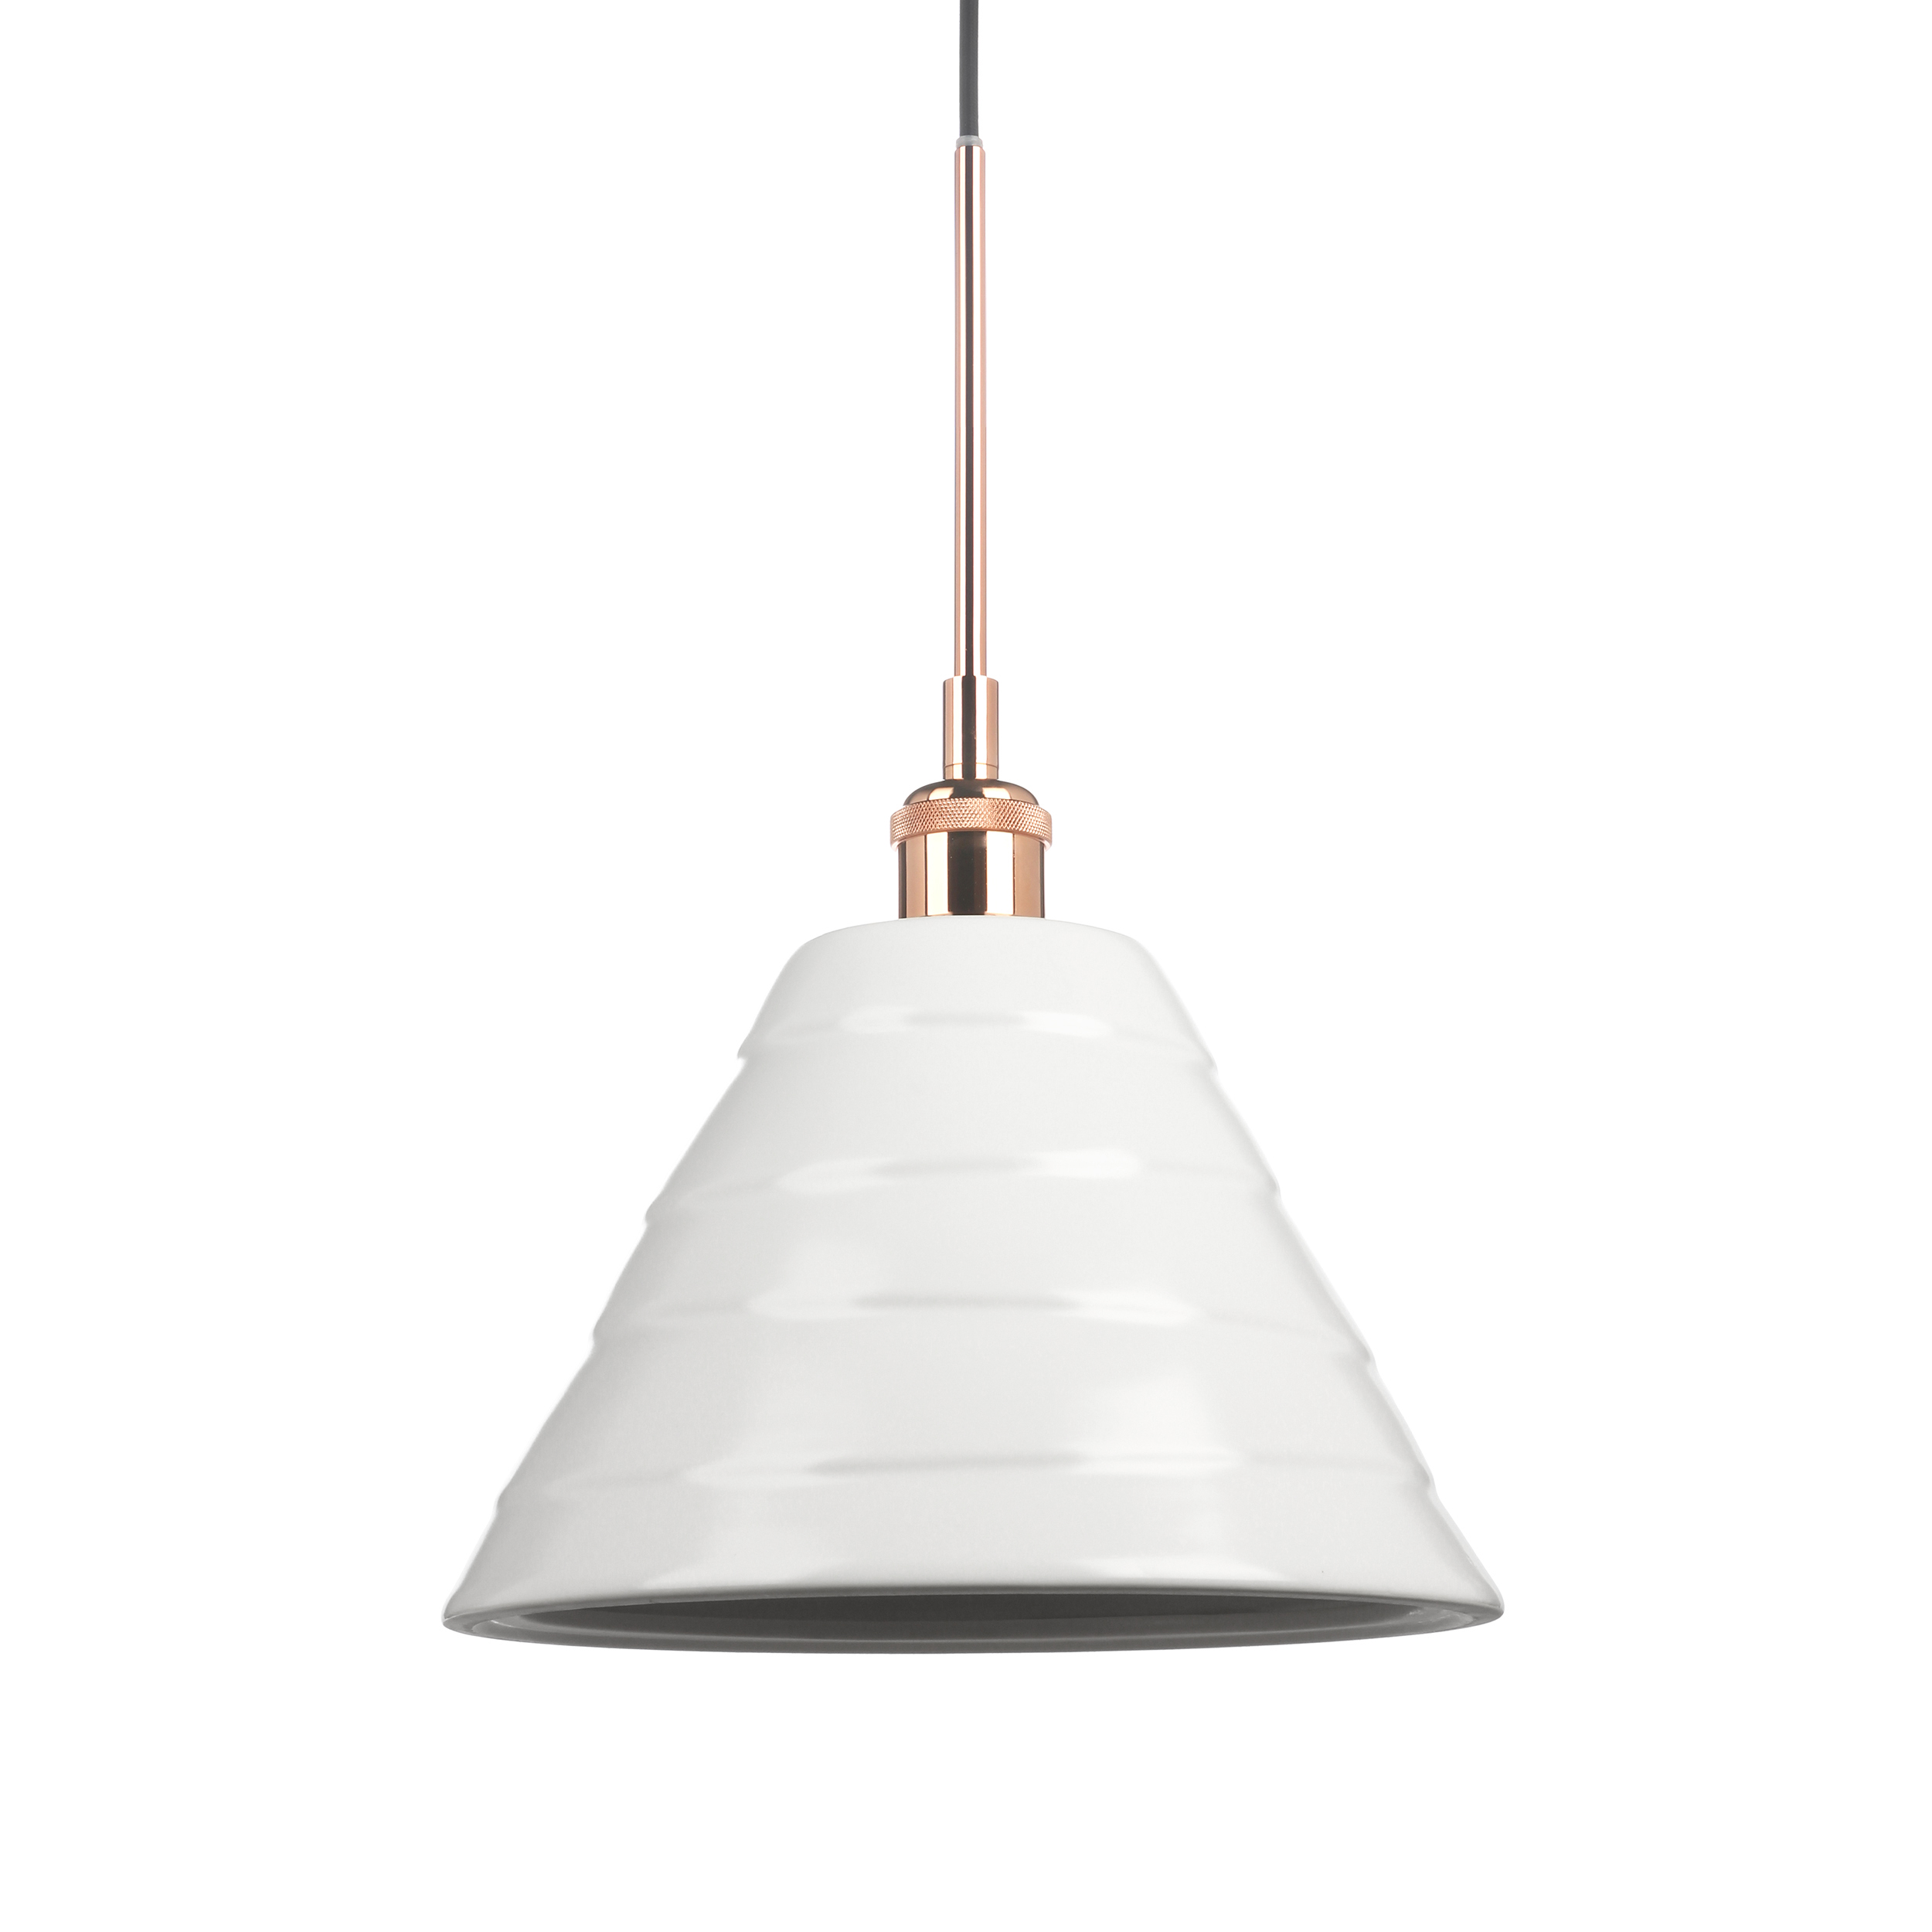 Подвесной светильник Cera 2Подвесные<br>Подвесные светильники из коллекции Cera очень просты по своему дизайну, но это — одно из их преимуществ. Абажур каждой из моделей выполнен из керамики в белом цвете. Они отлично сочетаются со светлыми интерьерами в стиле скандинавского эко. Для этого направления характерно использование натуральных материалов, в том числе и керамики. <br> <br> Данная модель — подвесной светильник Cera 2. Это самый крупный по высоте абажур в серии. Его нейтральную цветовую гамму разбавляет цоколь в «бронзе», котор...<br><br>stock: 70<br>Высота: 150<br>Диаметр: 28<br>Количество ламп: 1<br>Материал абажура: Керамика<br>Материал арматуры: Металл<br>Мощность лампы: 40<br>Ламп в комплекте: Нет<br>Напряжение: 220-240<br>Тип лампы/цоколь: E27<br>Цвет абажура: Белый<br>Цвет арматуры: Черный матовый<br>Цвет провода: Черный